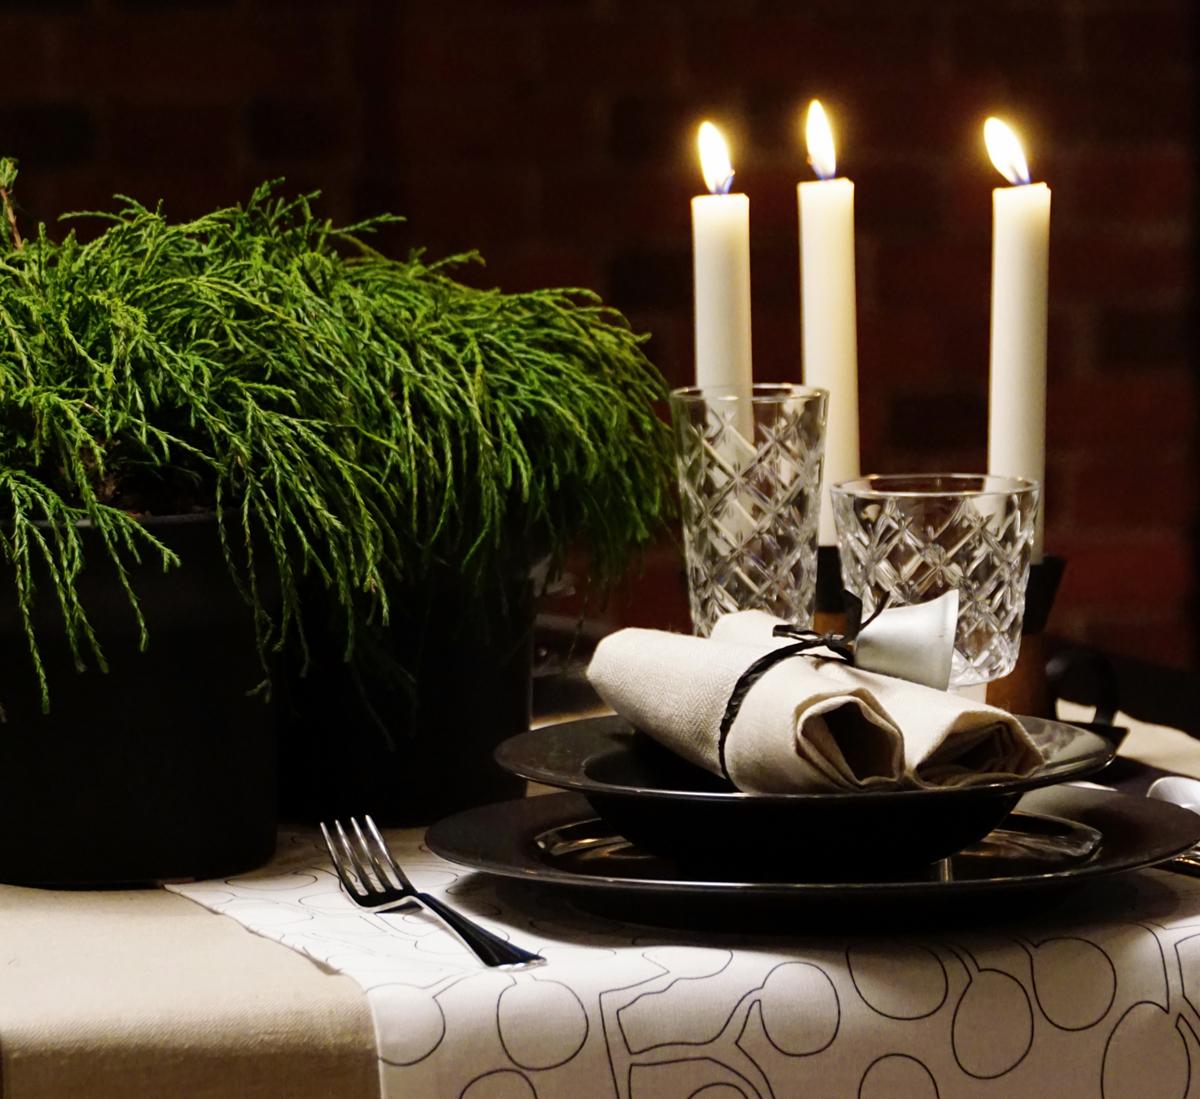 ikea joulu 2018 IKEA joulu 2016: joulukoristeet vanhan ajan tunnelmaan   Etuovi  ikea joulu 2018